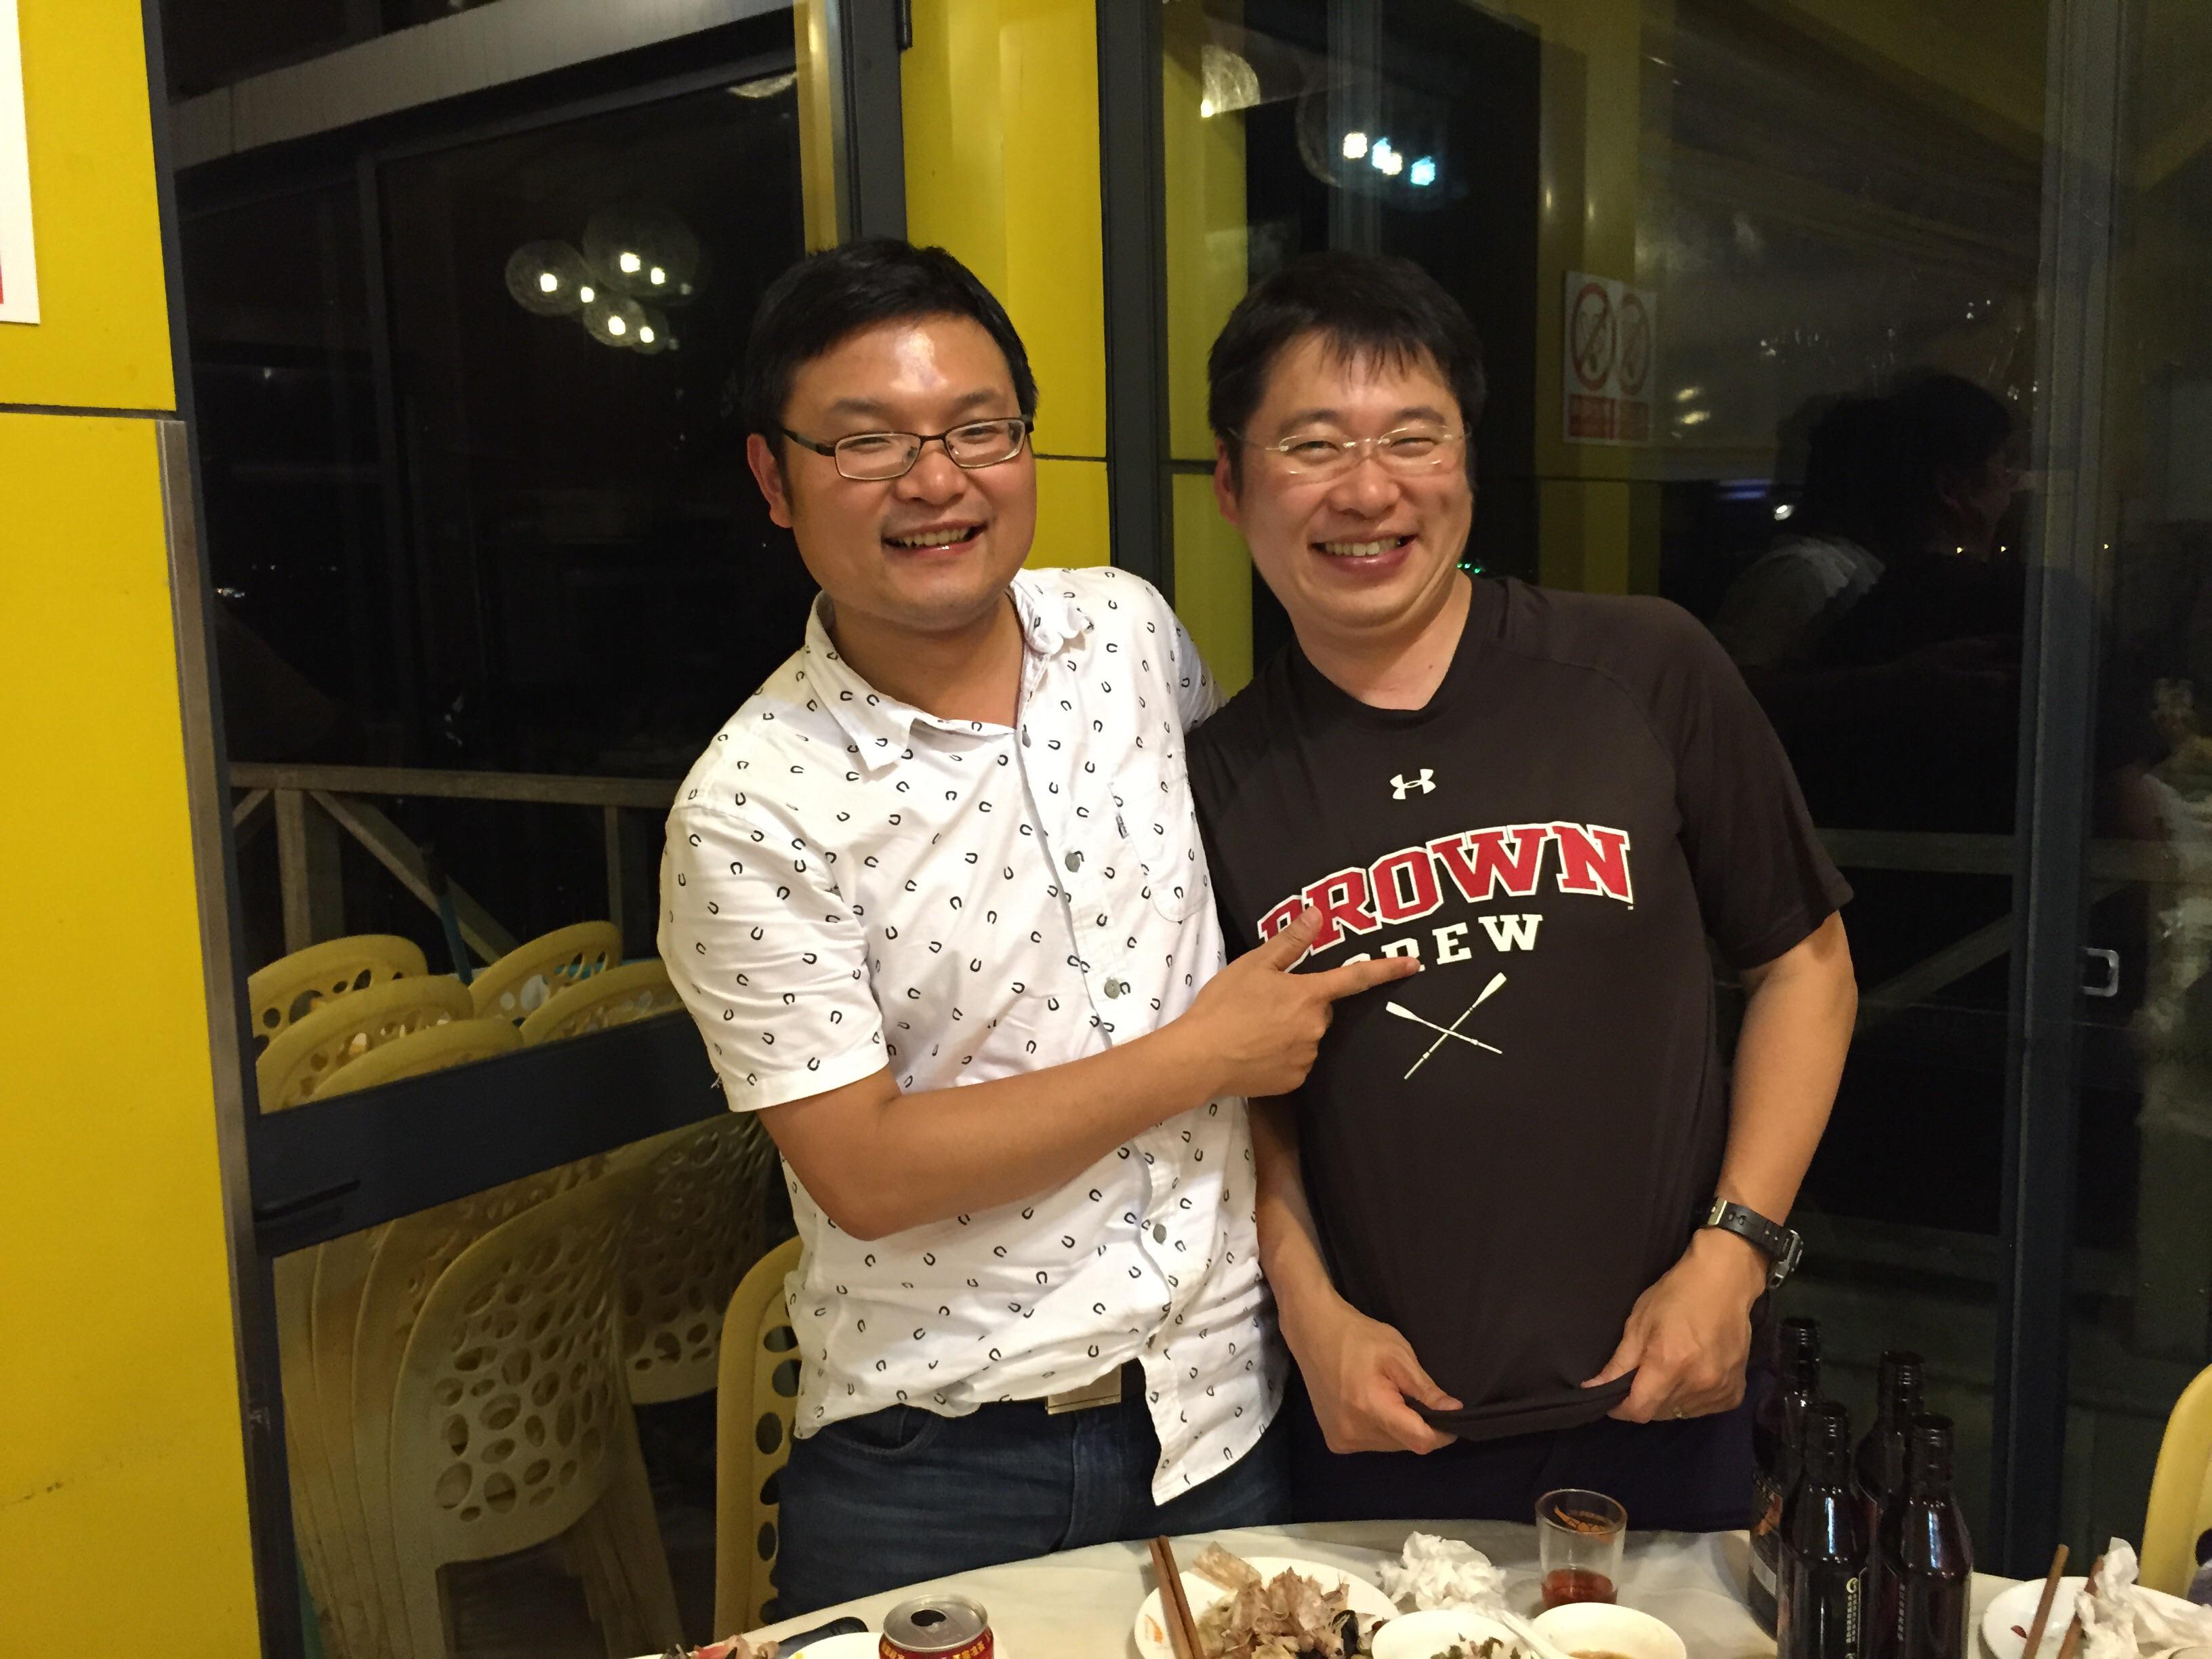 Yutaka Takeuchi and Dons Xu 2015